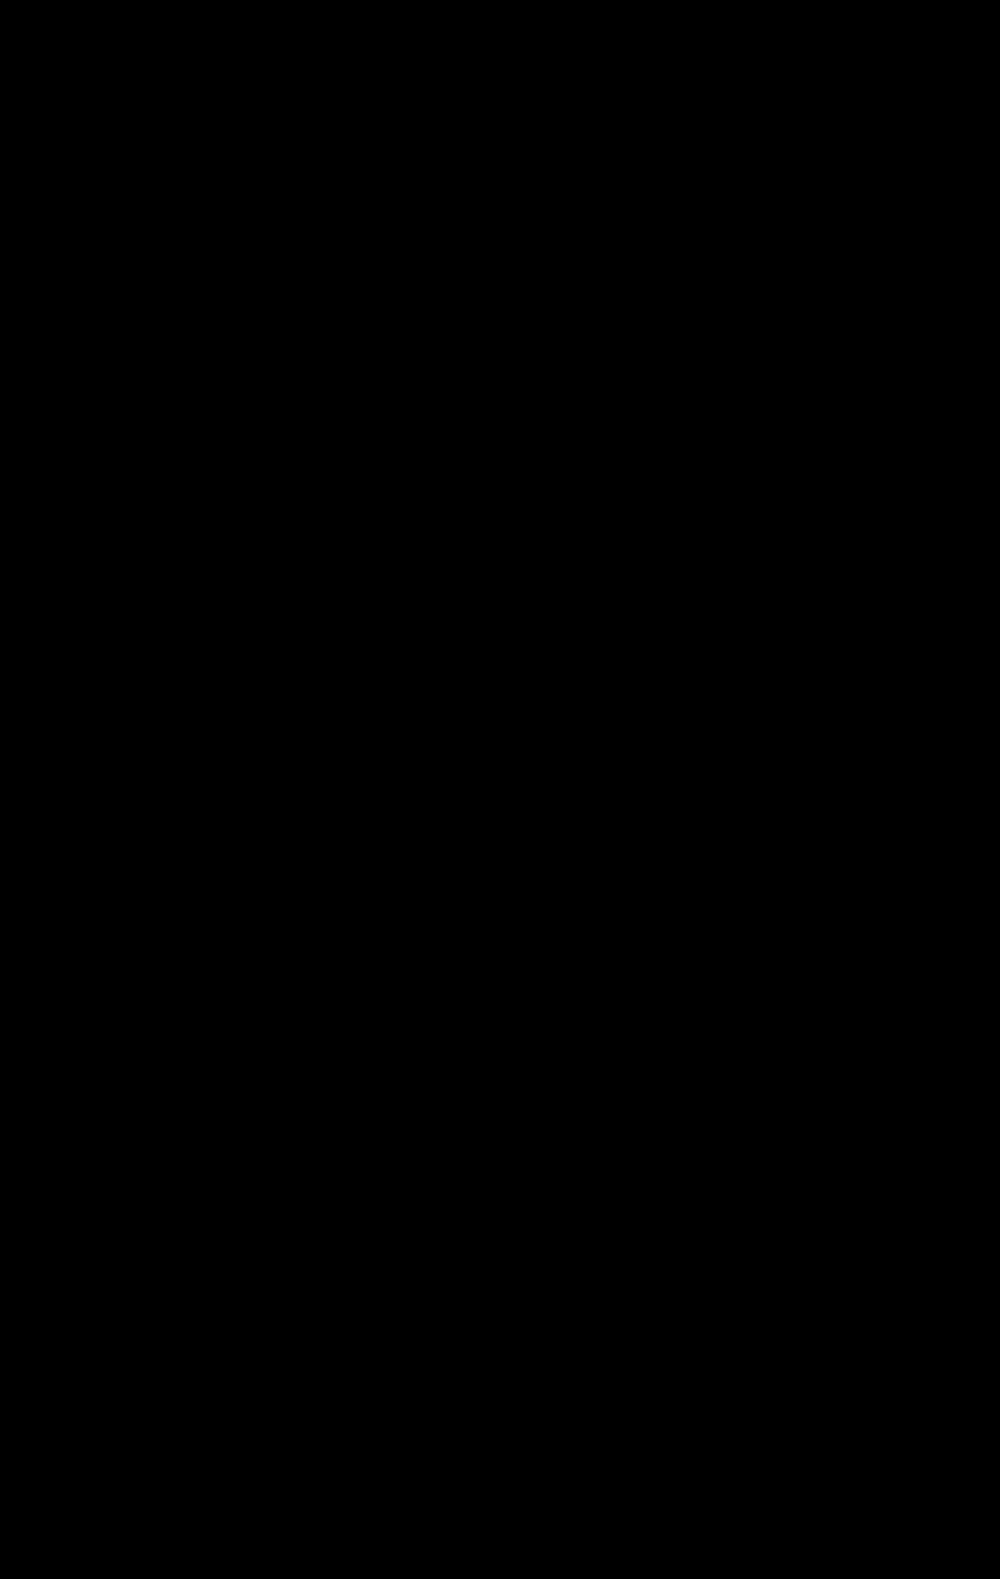 Comme <b>Jennifer Lauret</b>, Marie Sambourg a grandi avec la série ! - comme-jennifer-lauret-marie-sambourg-a-grandi-avec-la-serie